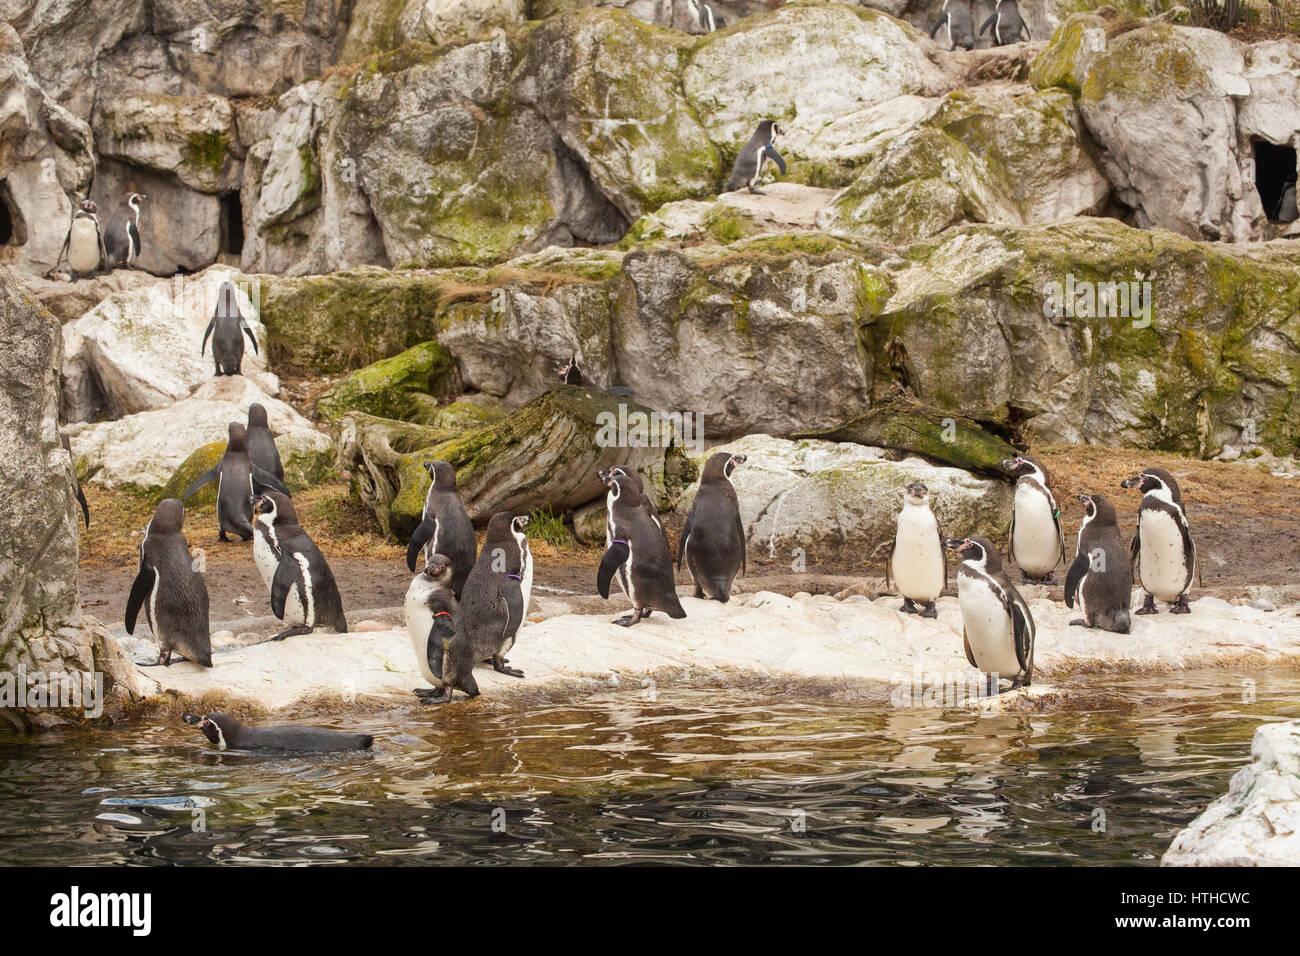 Humboldt penguin (Spheniscus humboldti), at Vienna Zoo, Tierpark Schoenbrunn, Vienna, Austria, Europe. - Stock Image